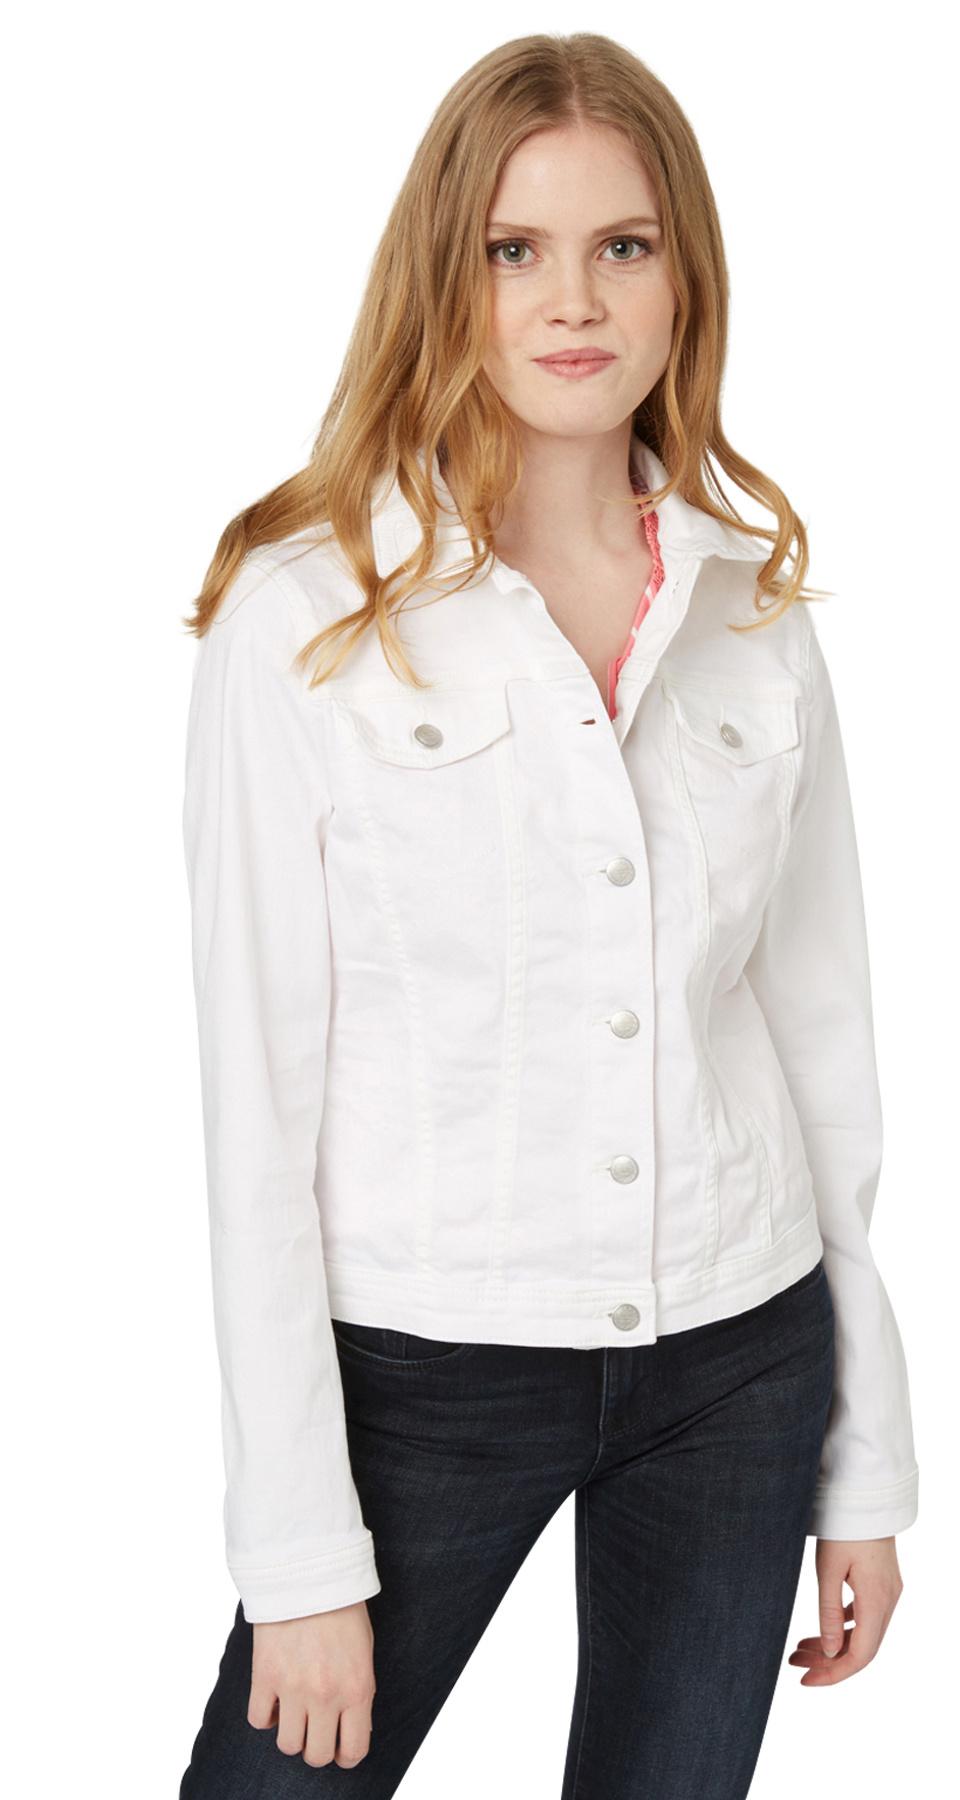 Tom Tailor dámská džínová bunda 35332840070/2000 Bílá XL